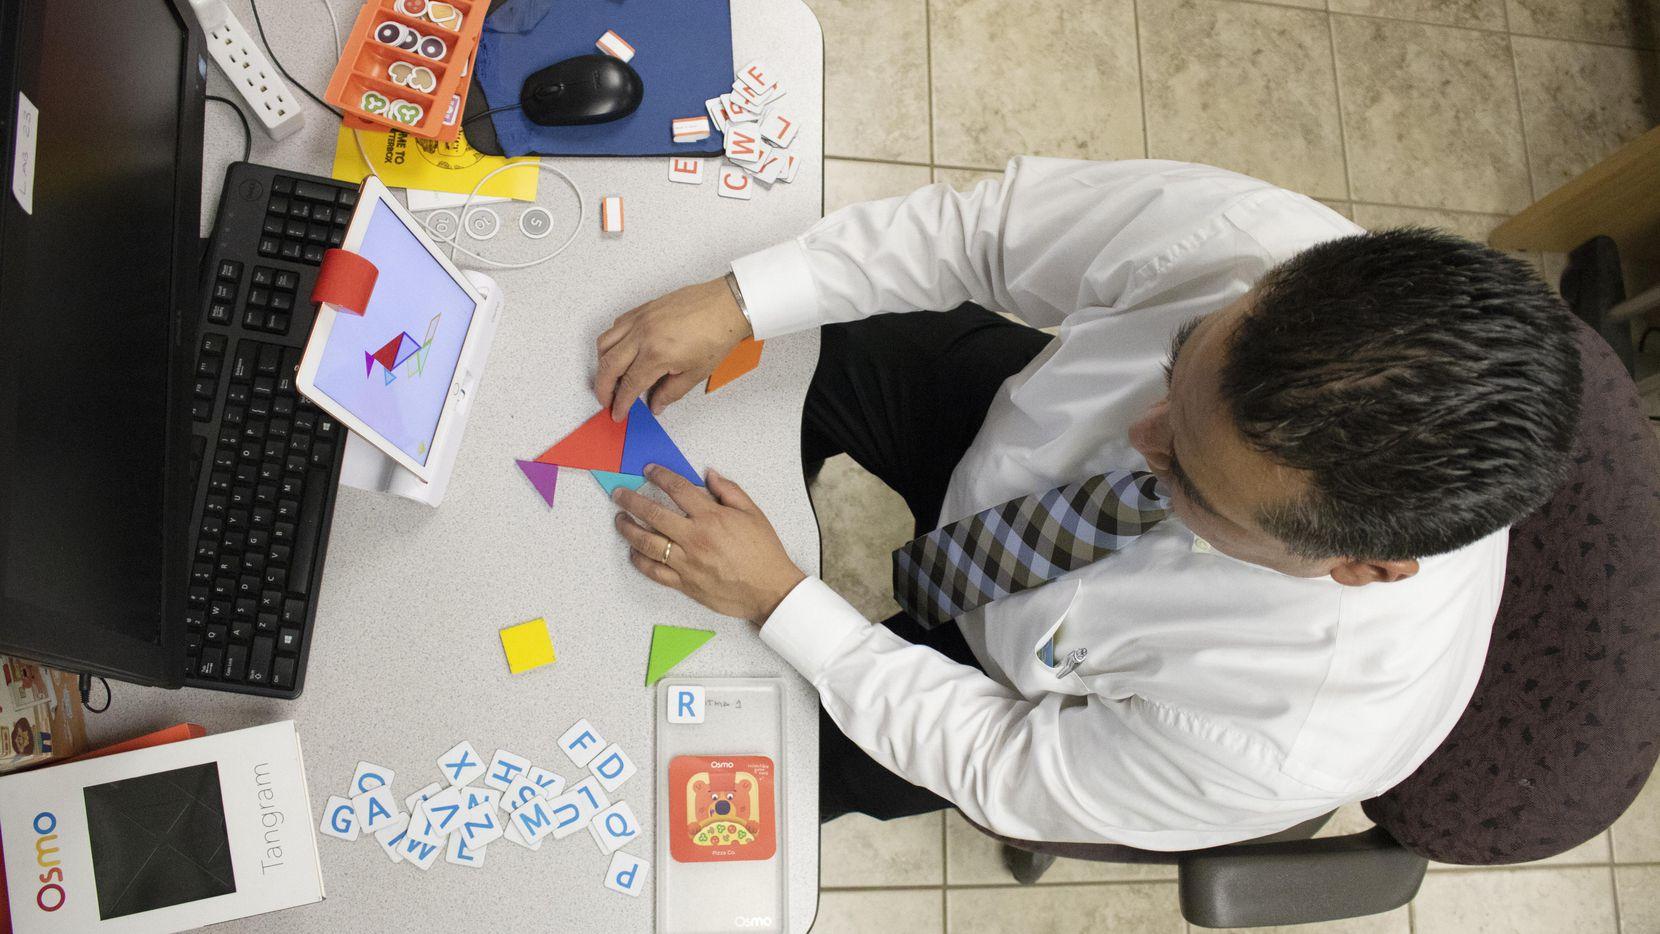 Javier Aguilar resuelve un rompecabezas con Osmo, una aplicación que usa en sus clases en East Fort Worth Montessori Academy. (AL DÍA/JAVIER GIRIBET)